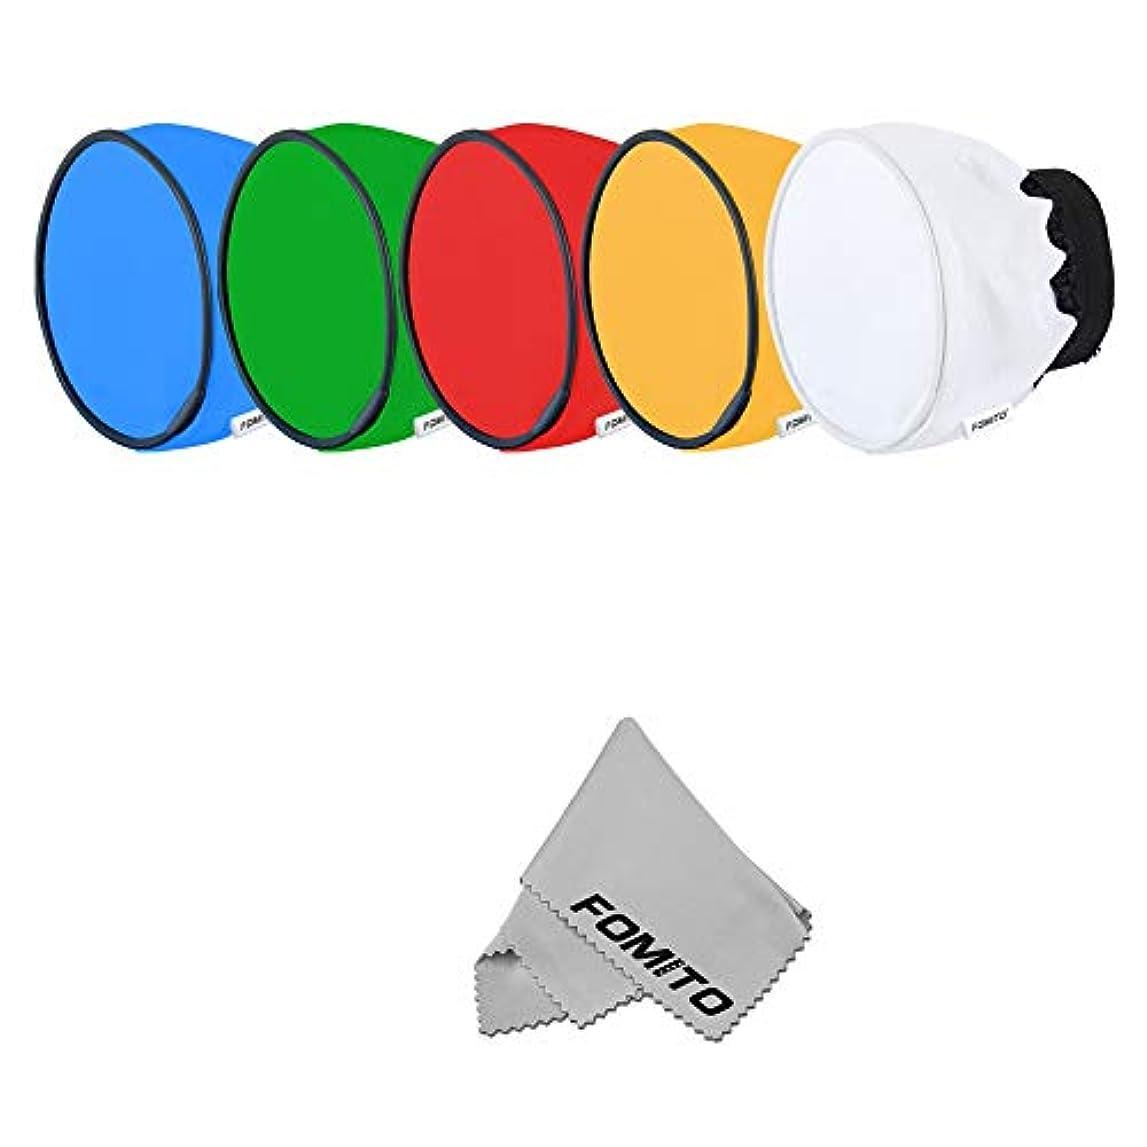 媒染剤地下室ママFOMITO ディフューザー カメラフラッシュ用ディフューザー セット品 五つ色セット品 対応機種V1 AD200